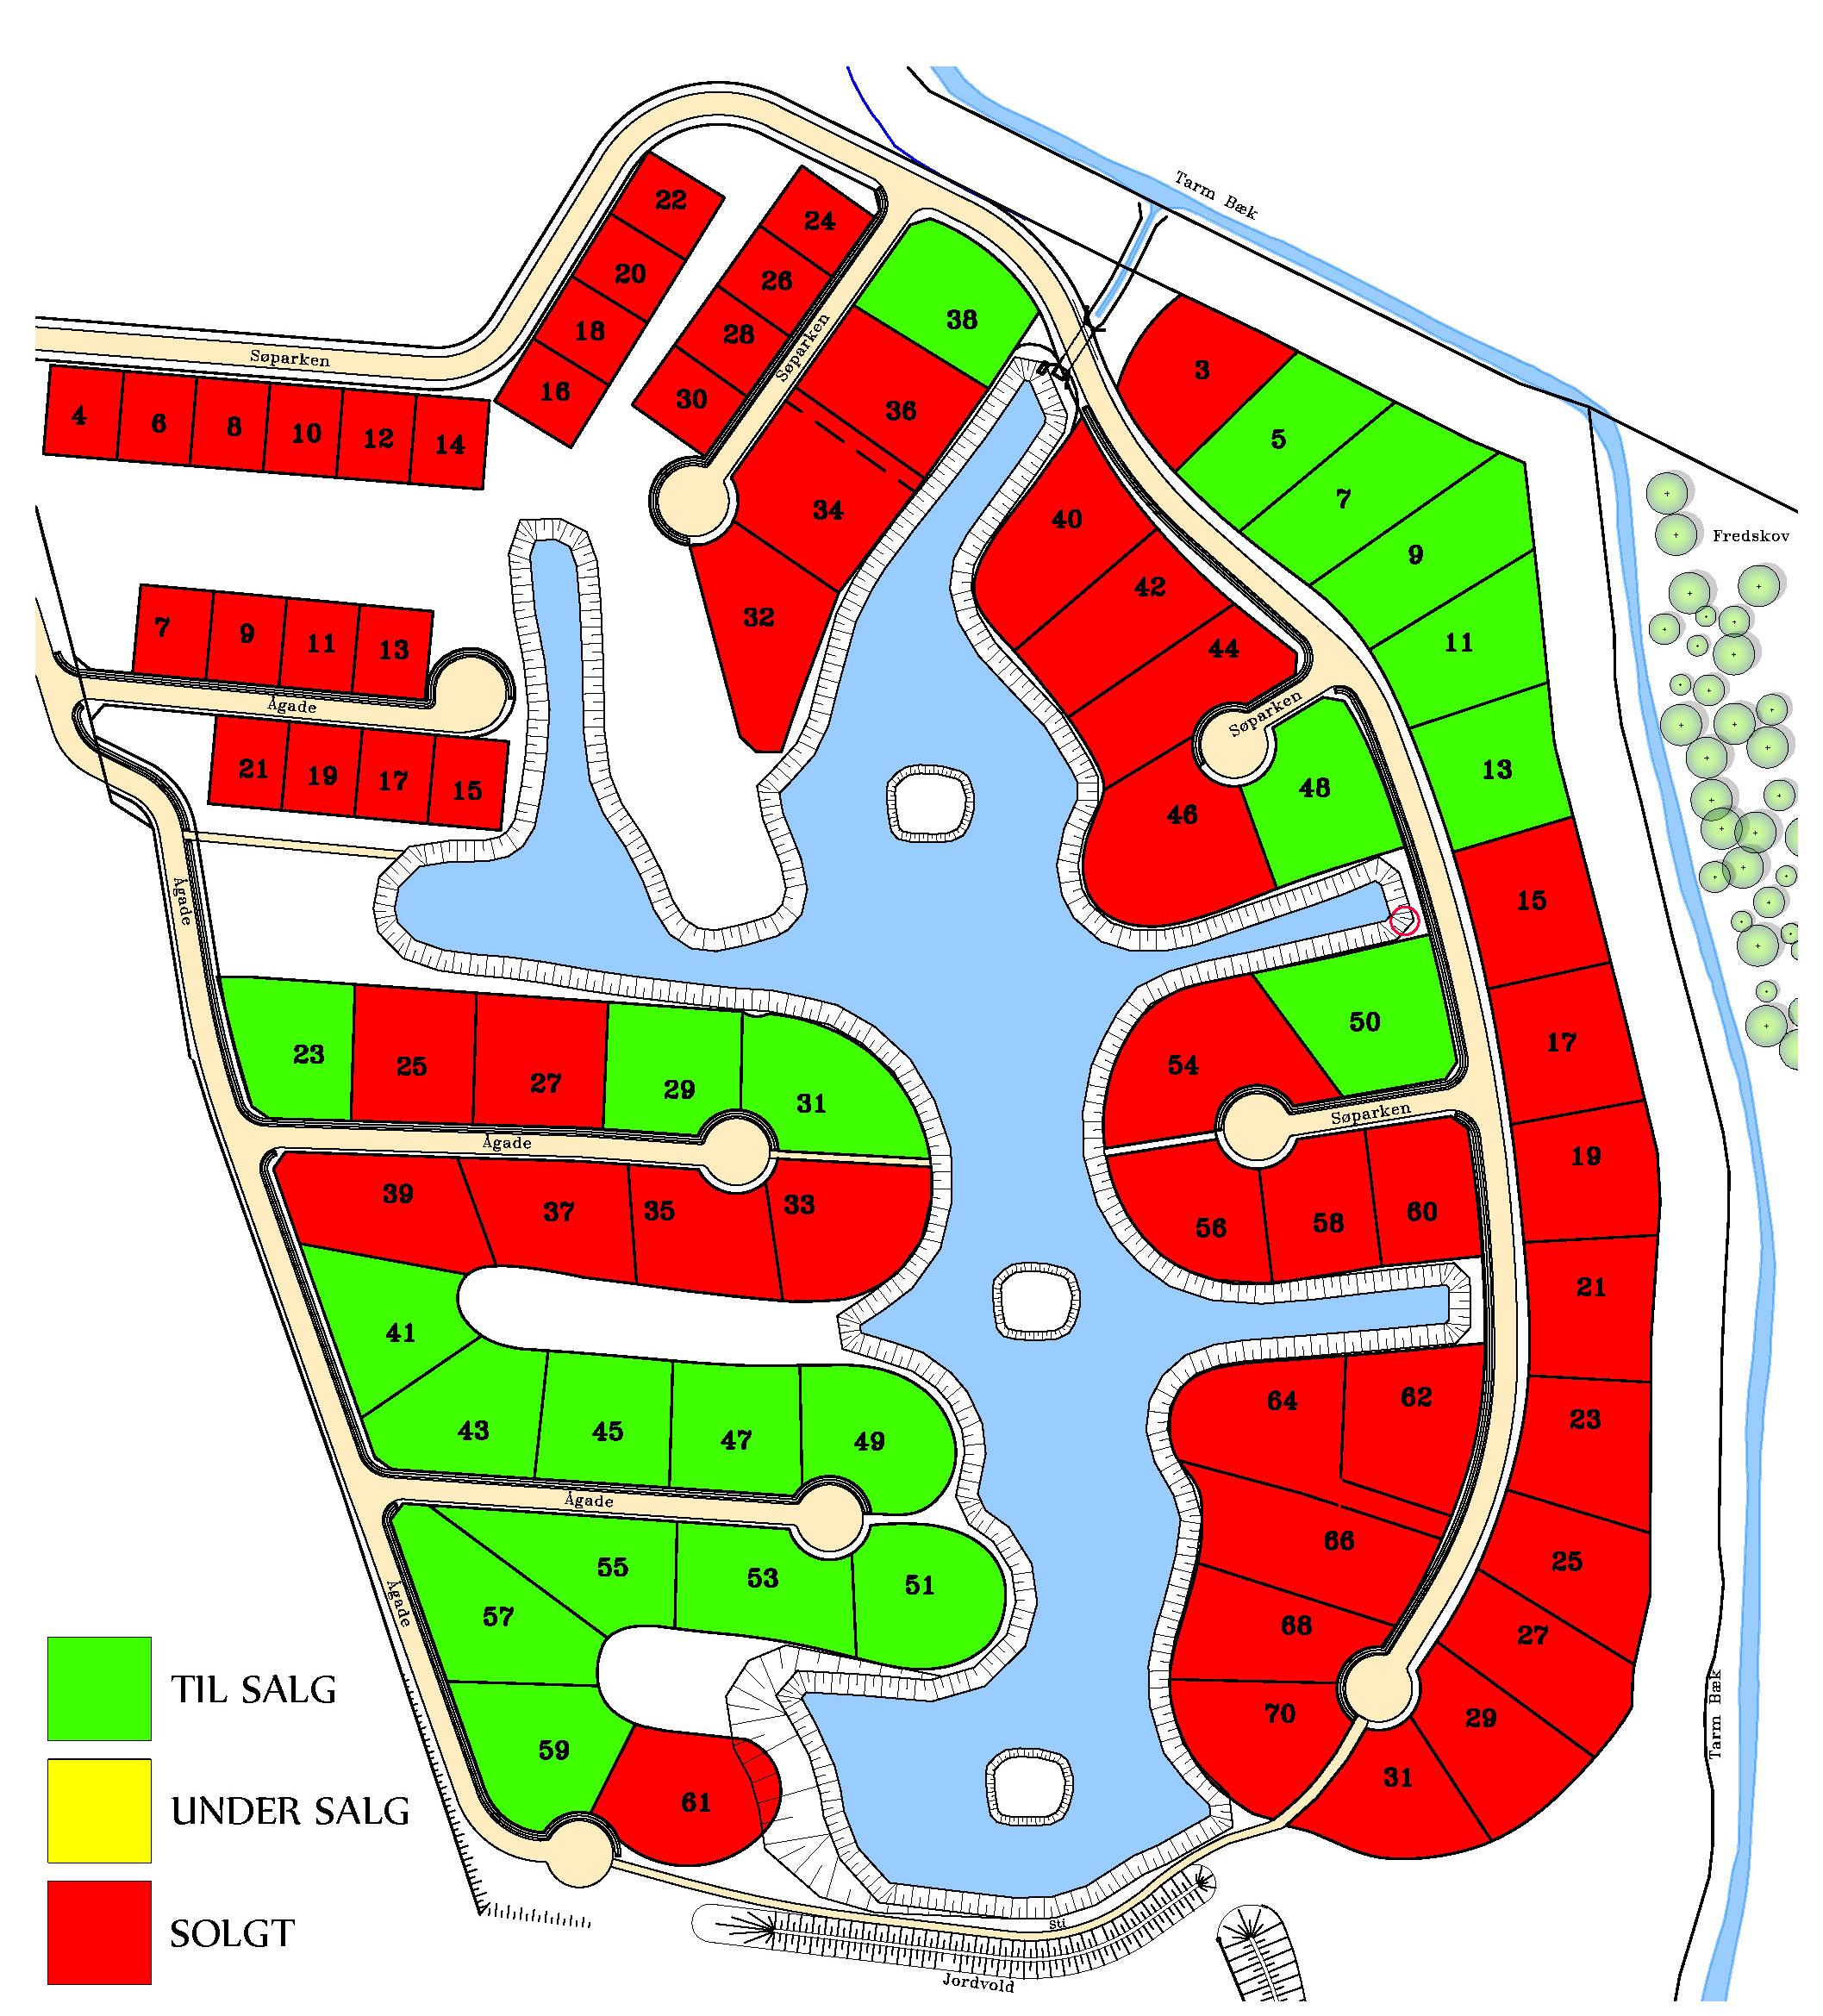 Soparken Tarm Attraktive Byggegrunde Skonne Omgivelser